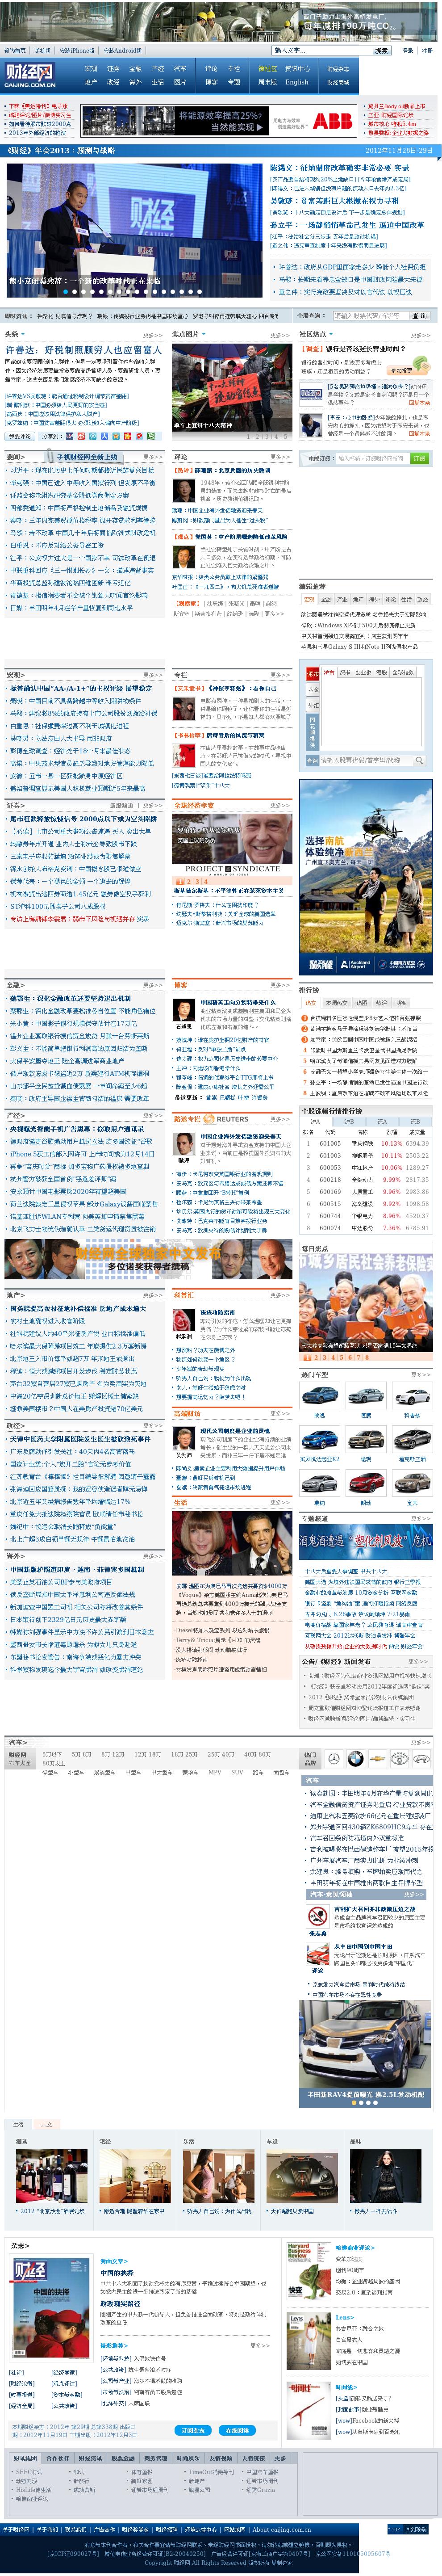 Caijing at Thursday Nov. 29, 2012, 11:04 p.m. UTC